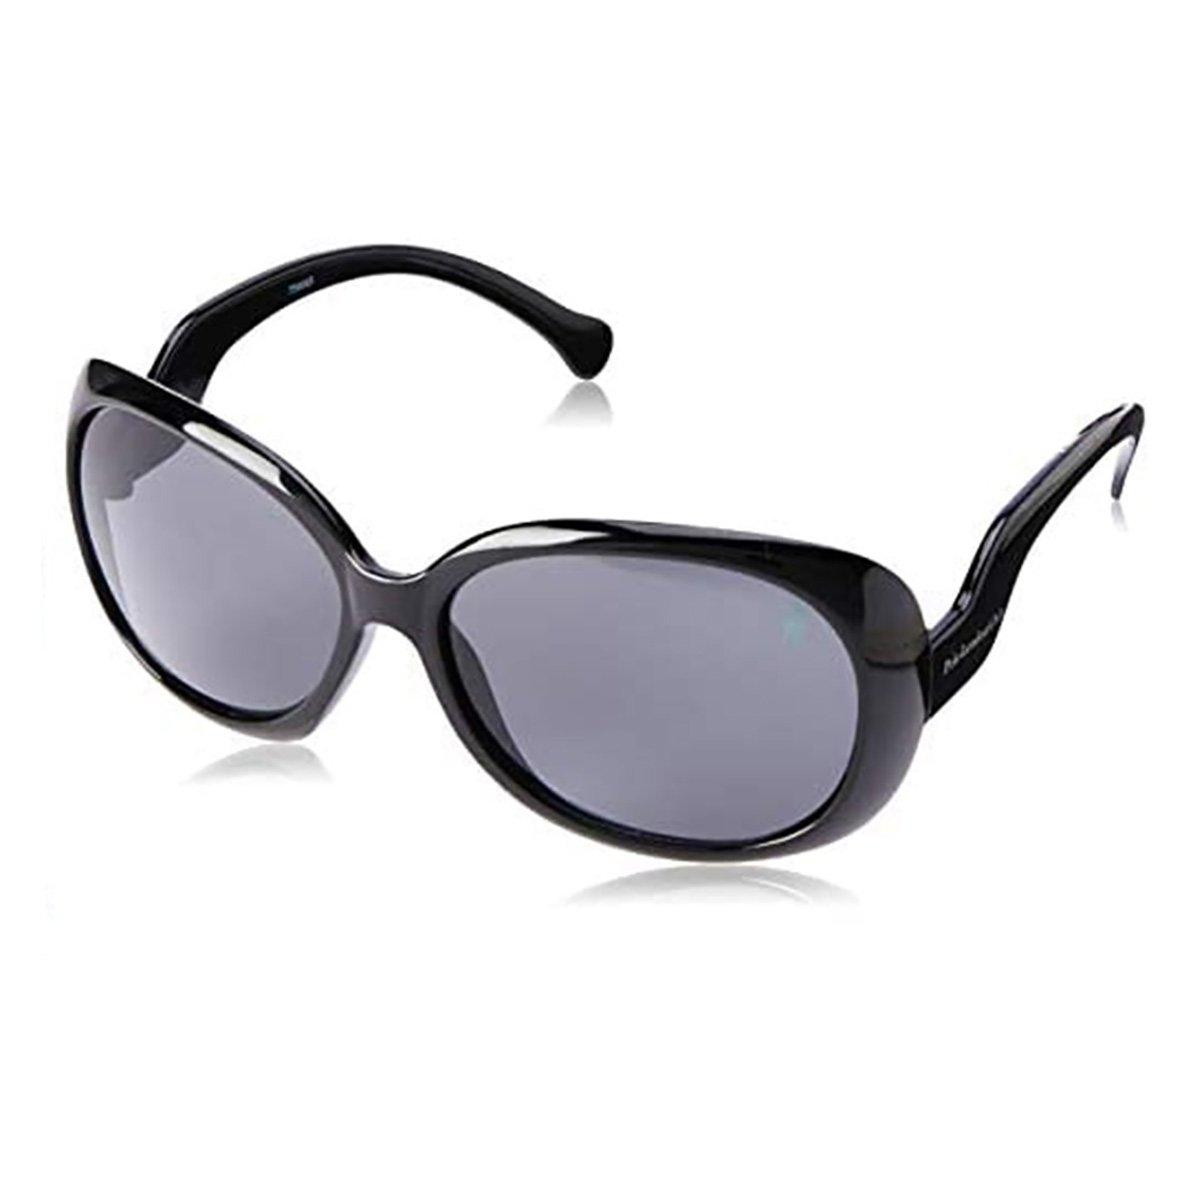 Óculos de Sol Polo London Club 75003 Feminino